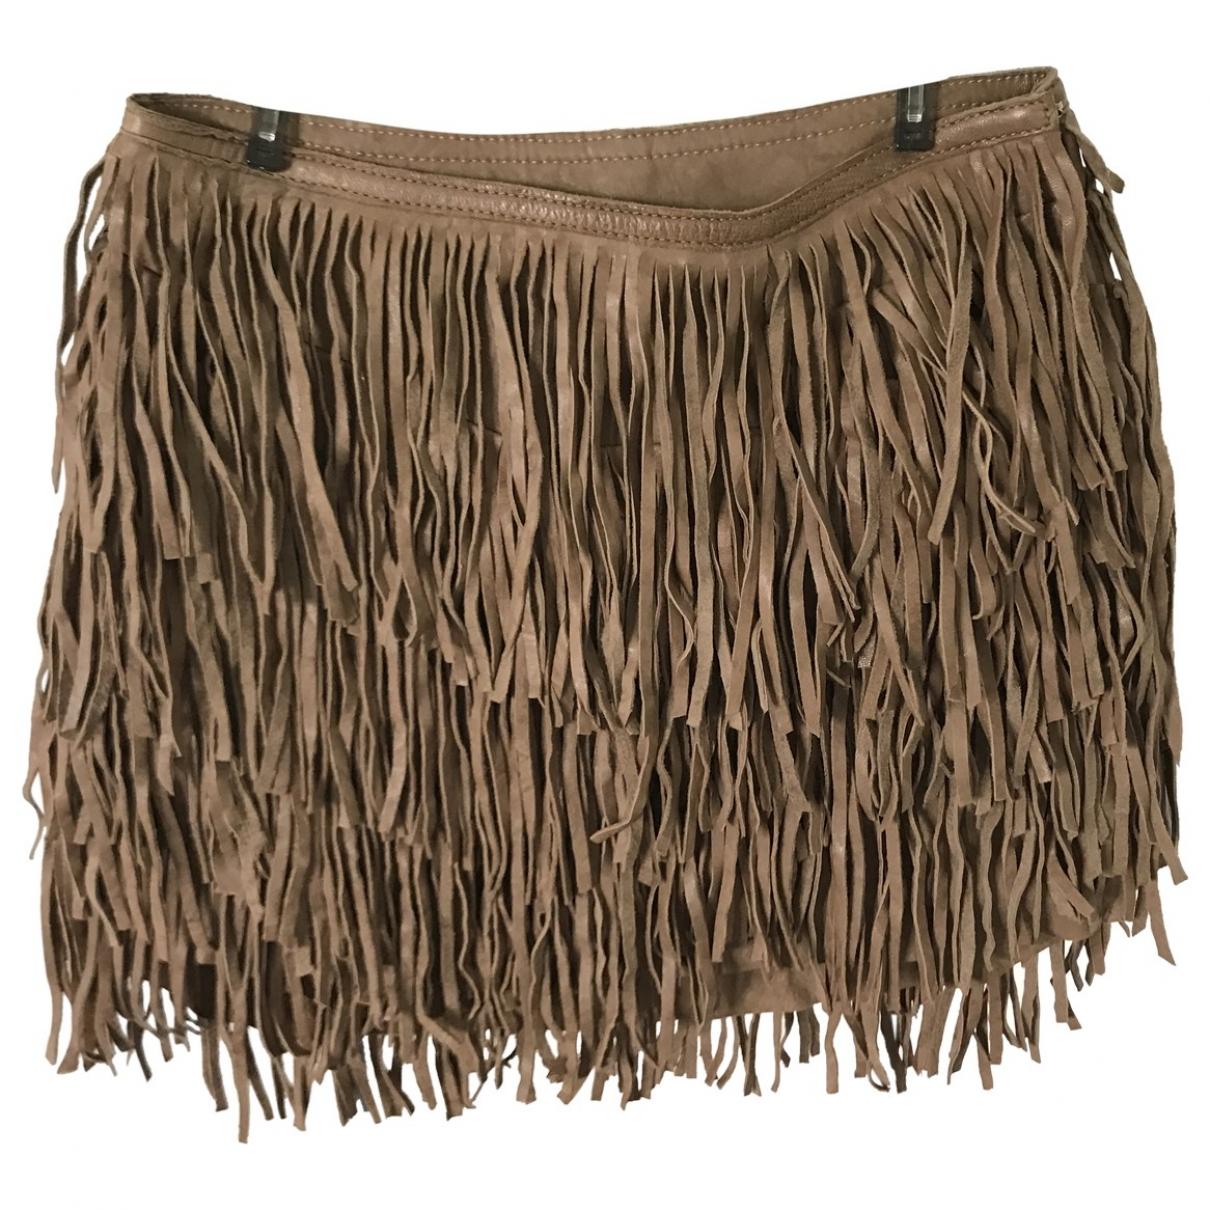 Isabel Marant \N Camel Suede skirt for Women 2 0-5